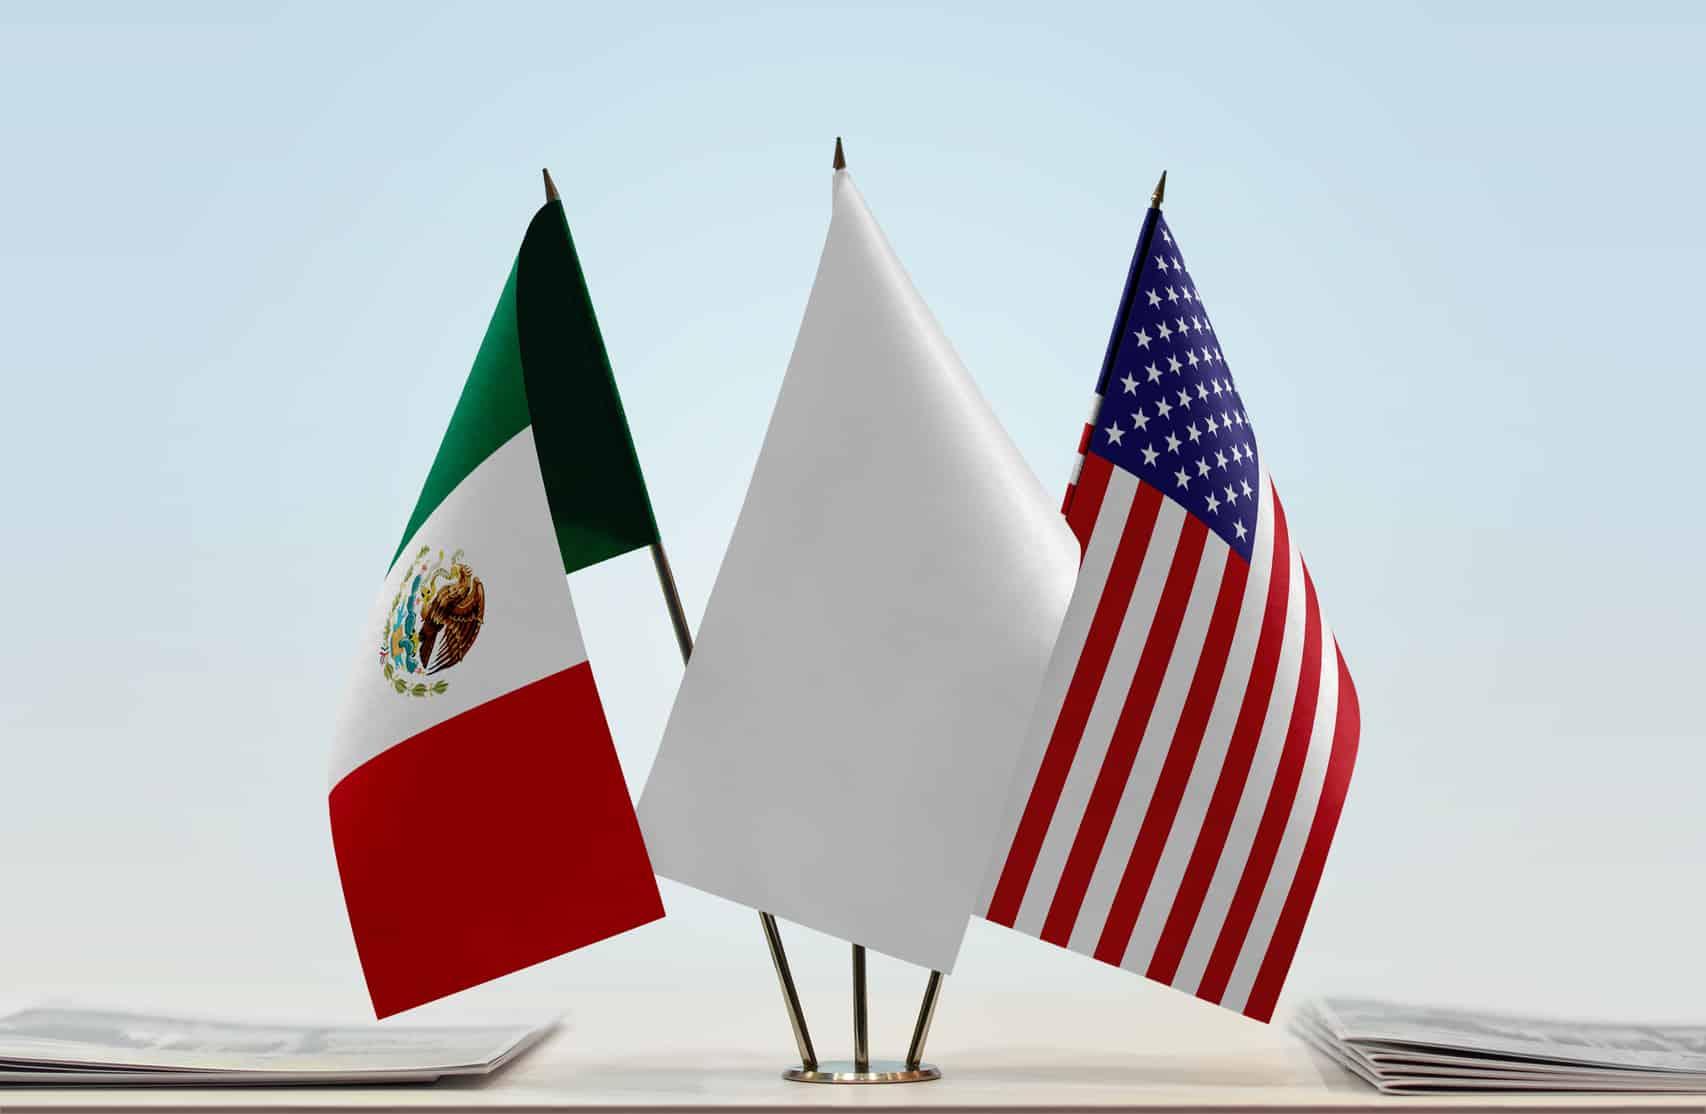 Se elimina el nefasto escenario tantas veces prometido por Donald Trump de abandonar el acuerdo entre México, EUA y Canadá